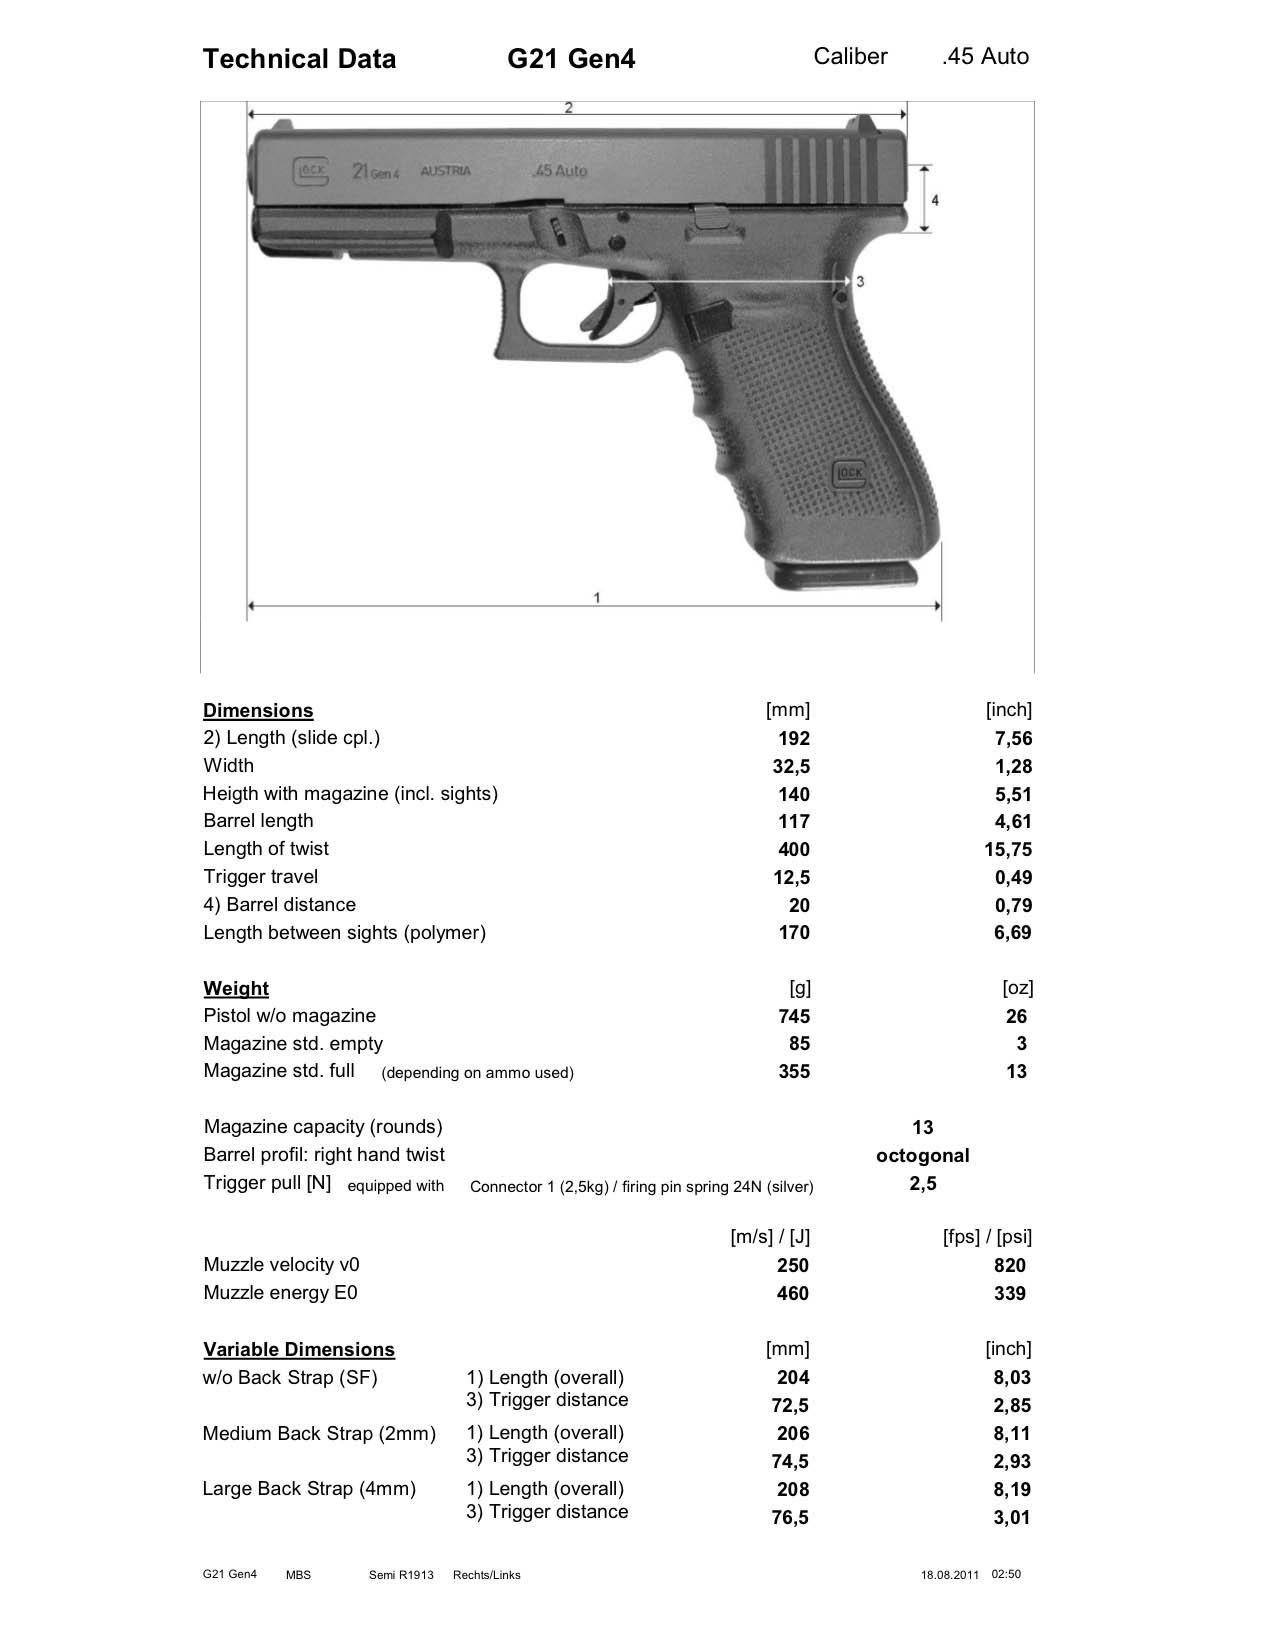 Gen4 Glock 21 Specs